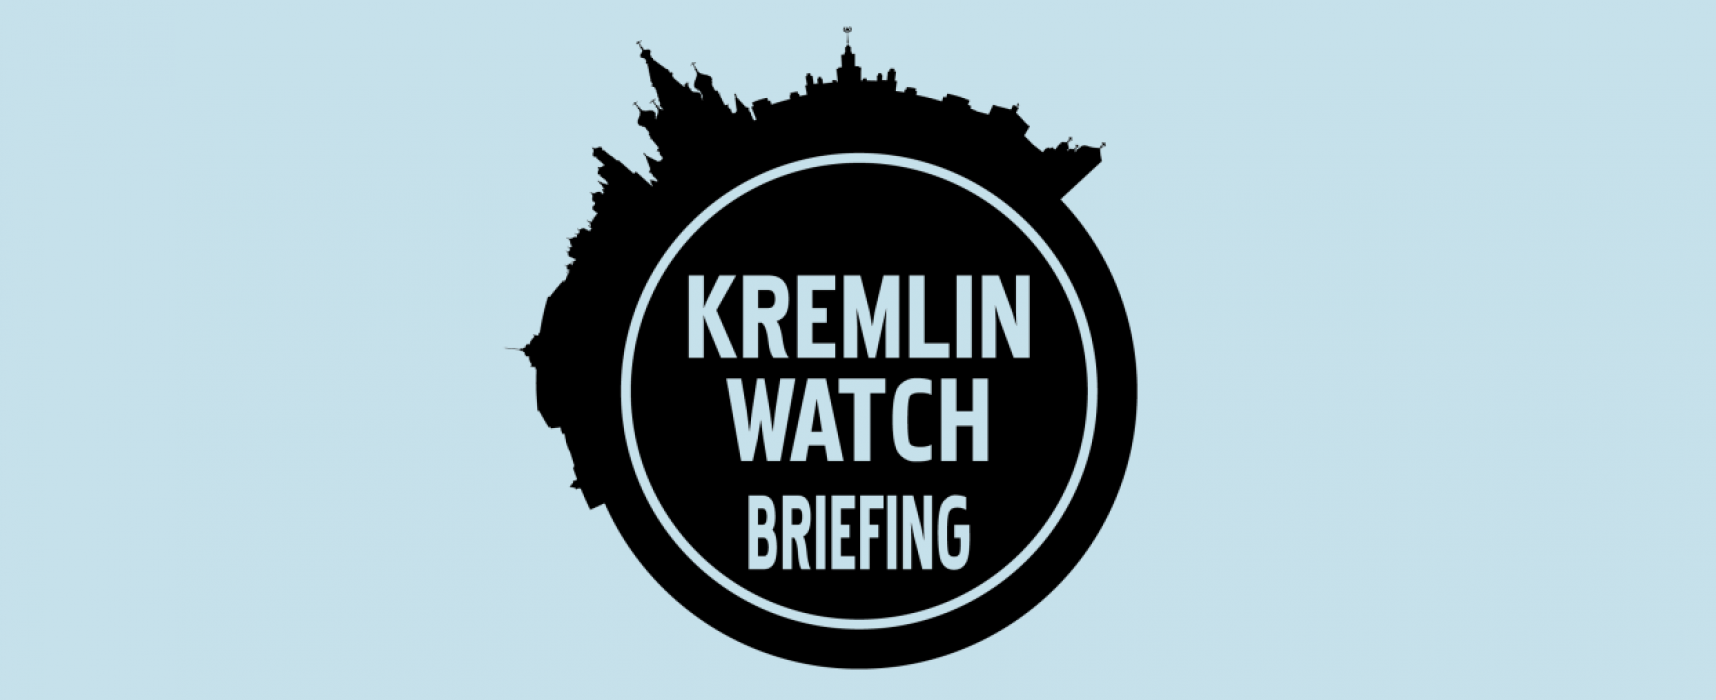 Kremlin Watch Briefing: Lies travel fast